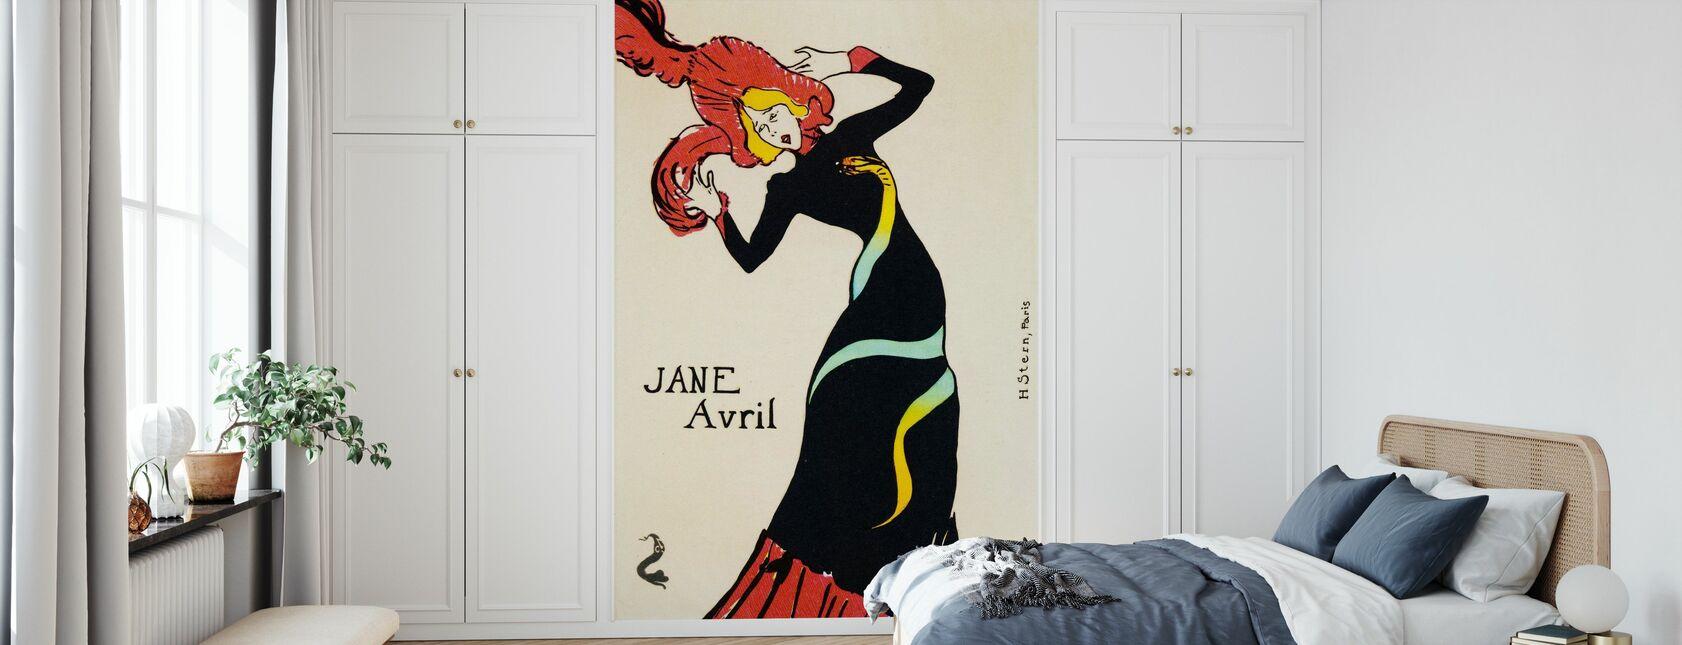 Jane Avril, Henri Tolosa Lautrec - Carta da parati - Camera da letto